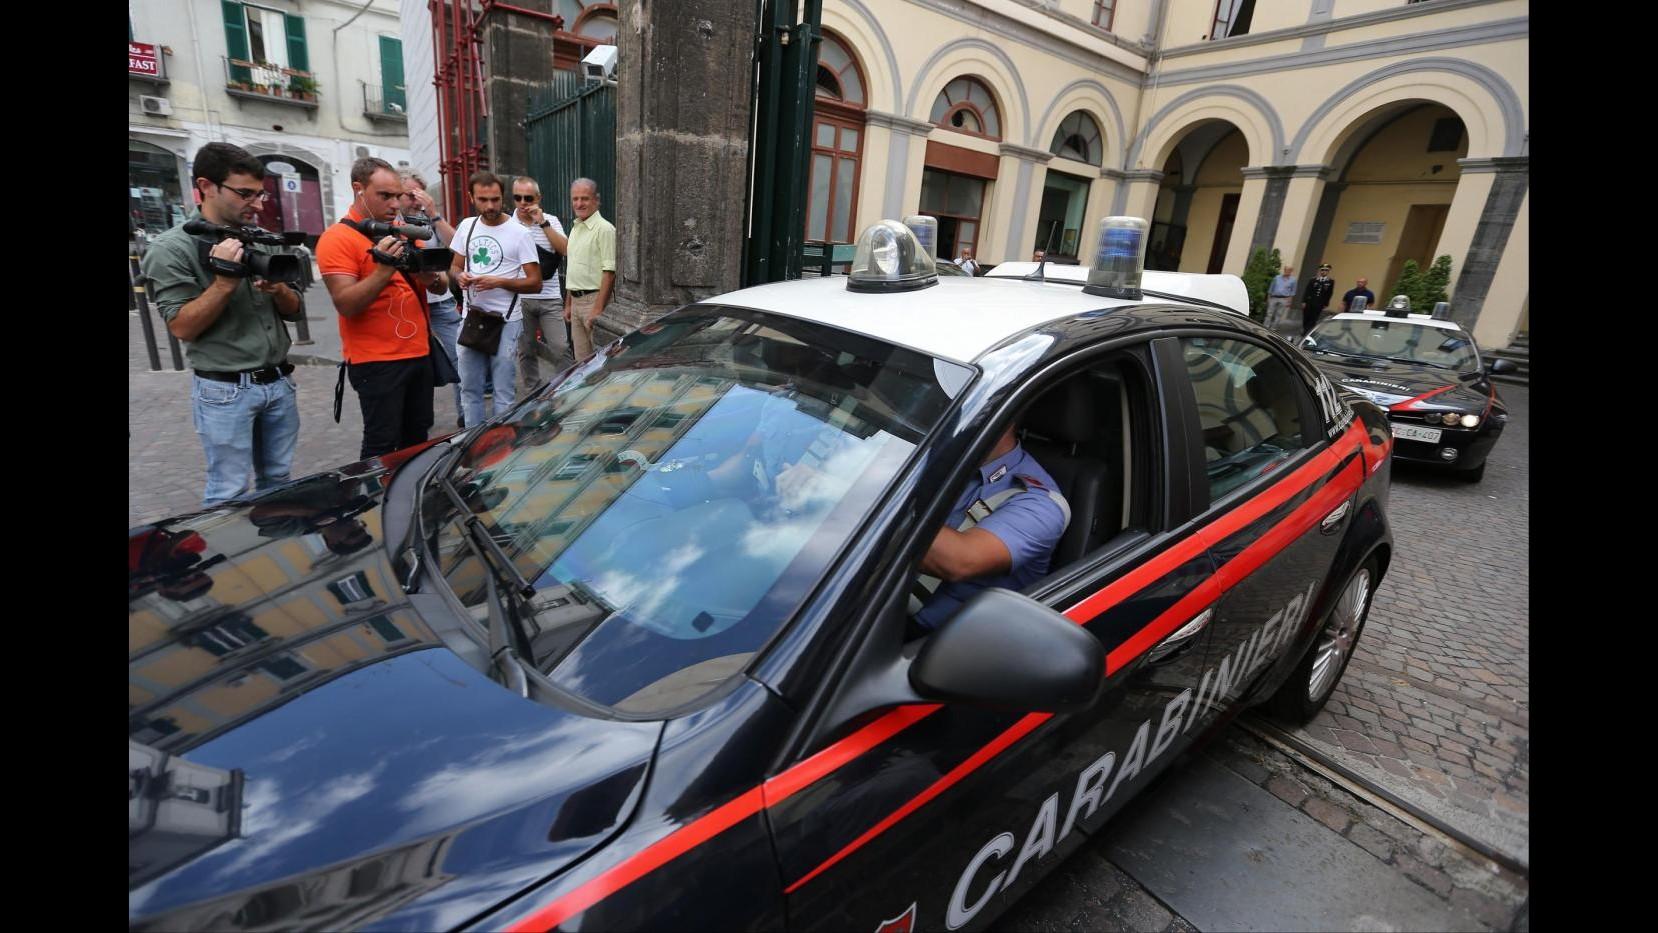 Milano, agguato in centro: in 2 sparano a imprenditore alla guida